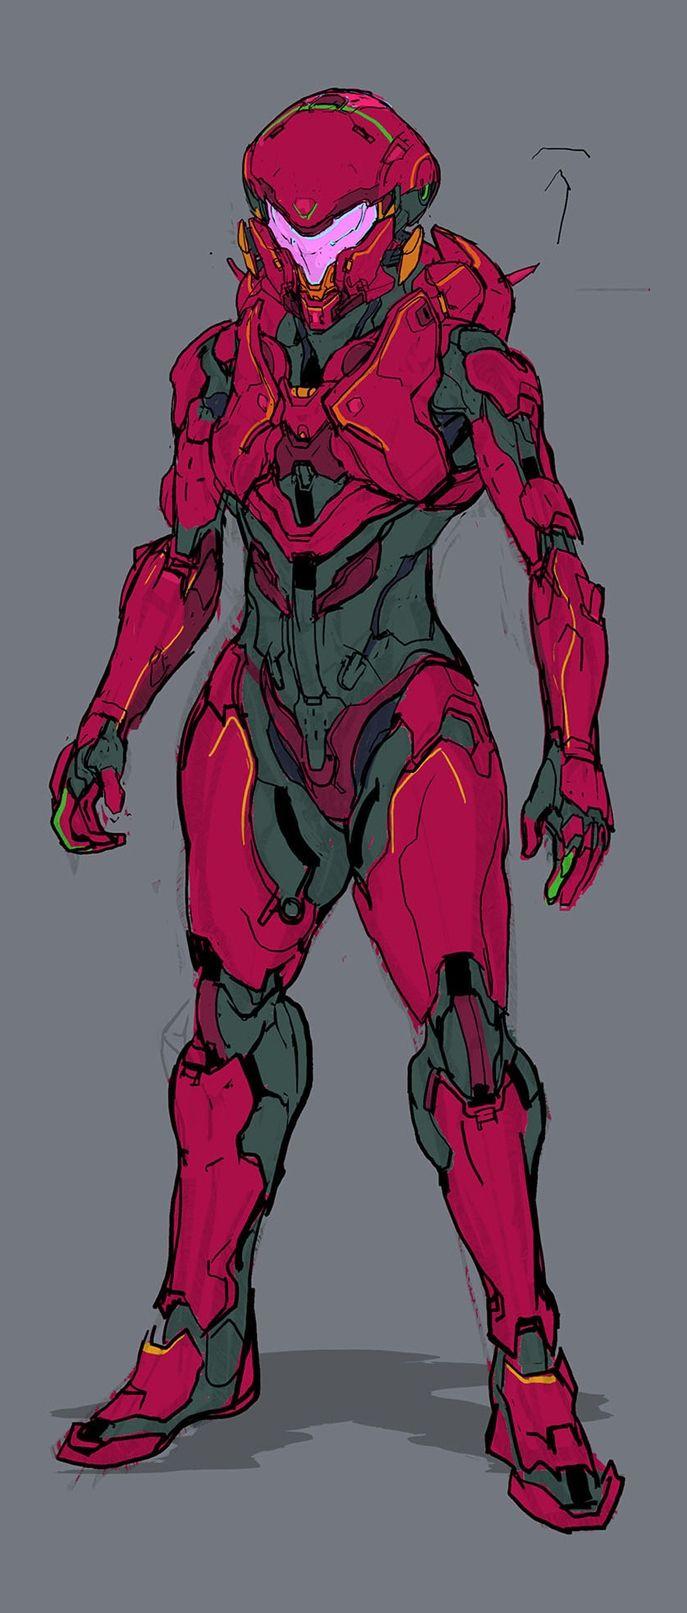 Halo 5: Guardians Concept Art | Spartan Vale